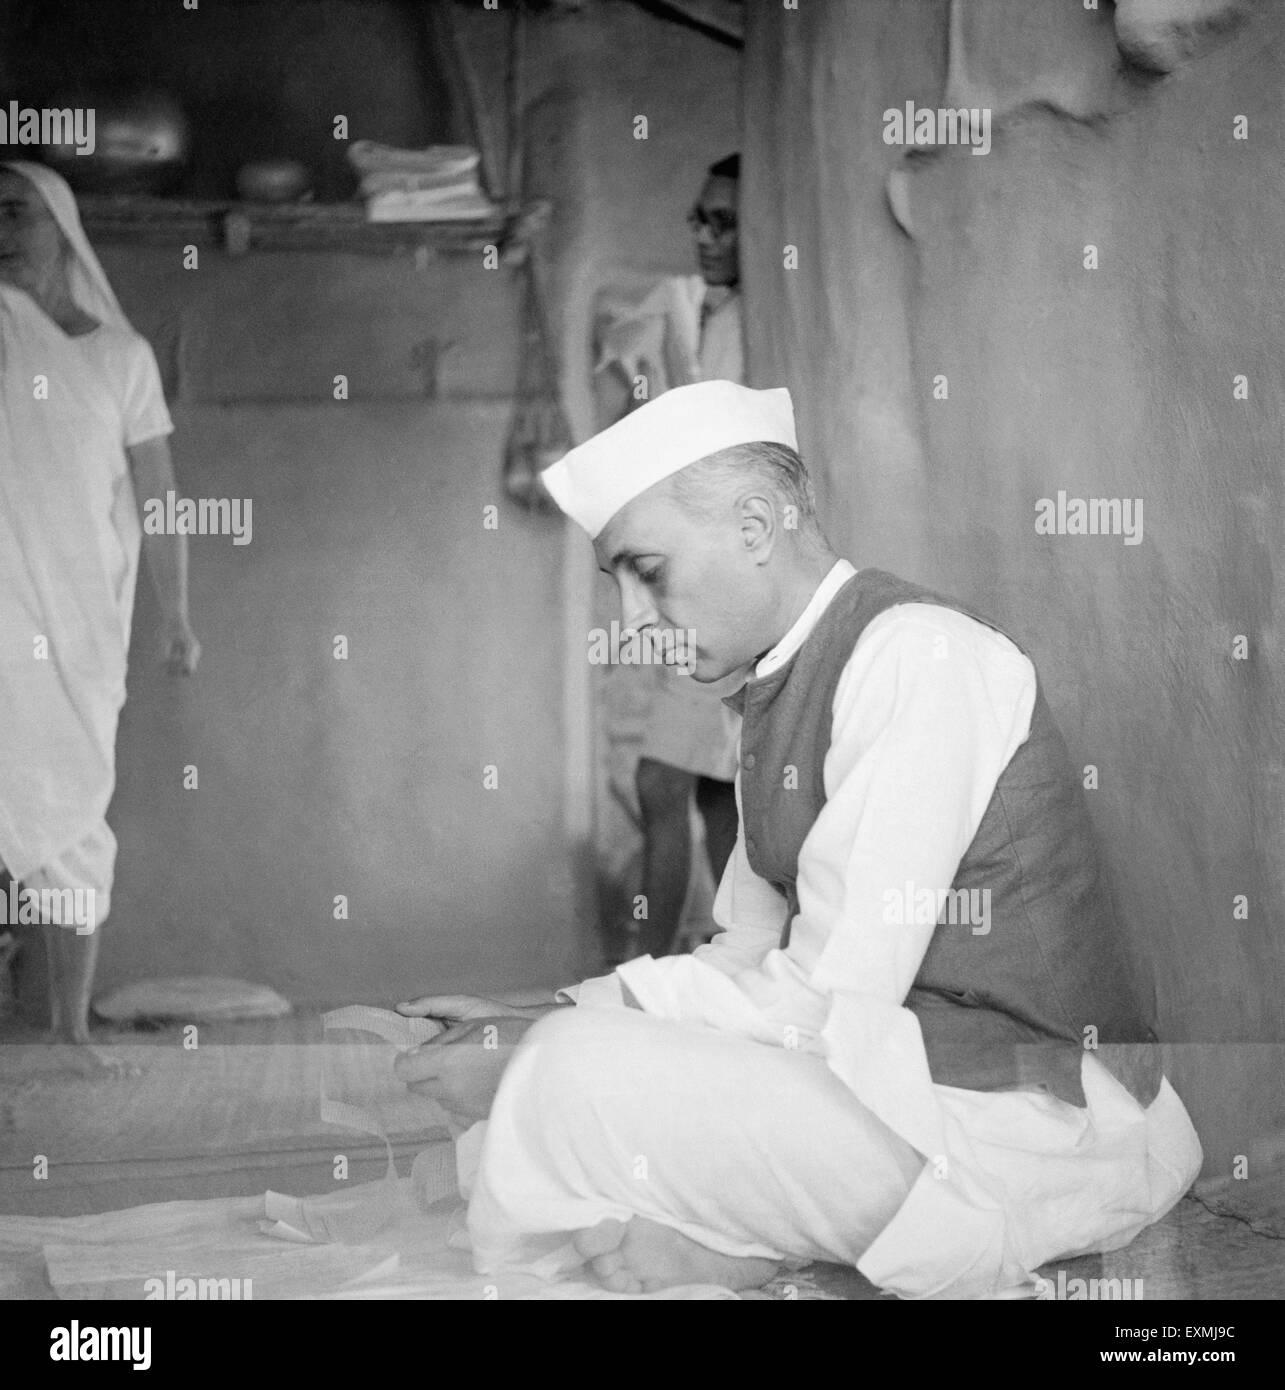 Pandit Jawaharlal Nehru NO MR - Stock Image